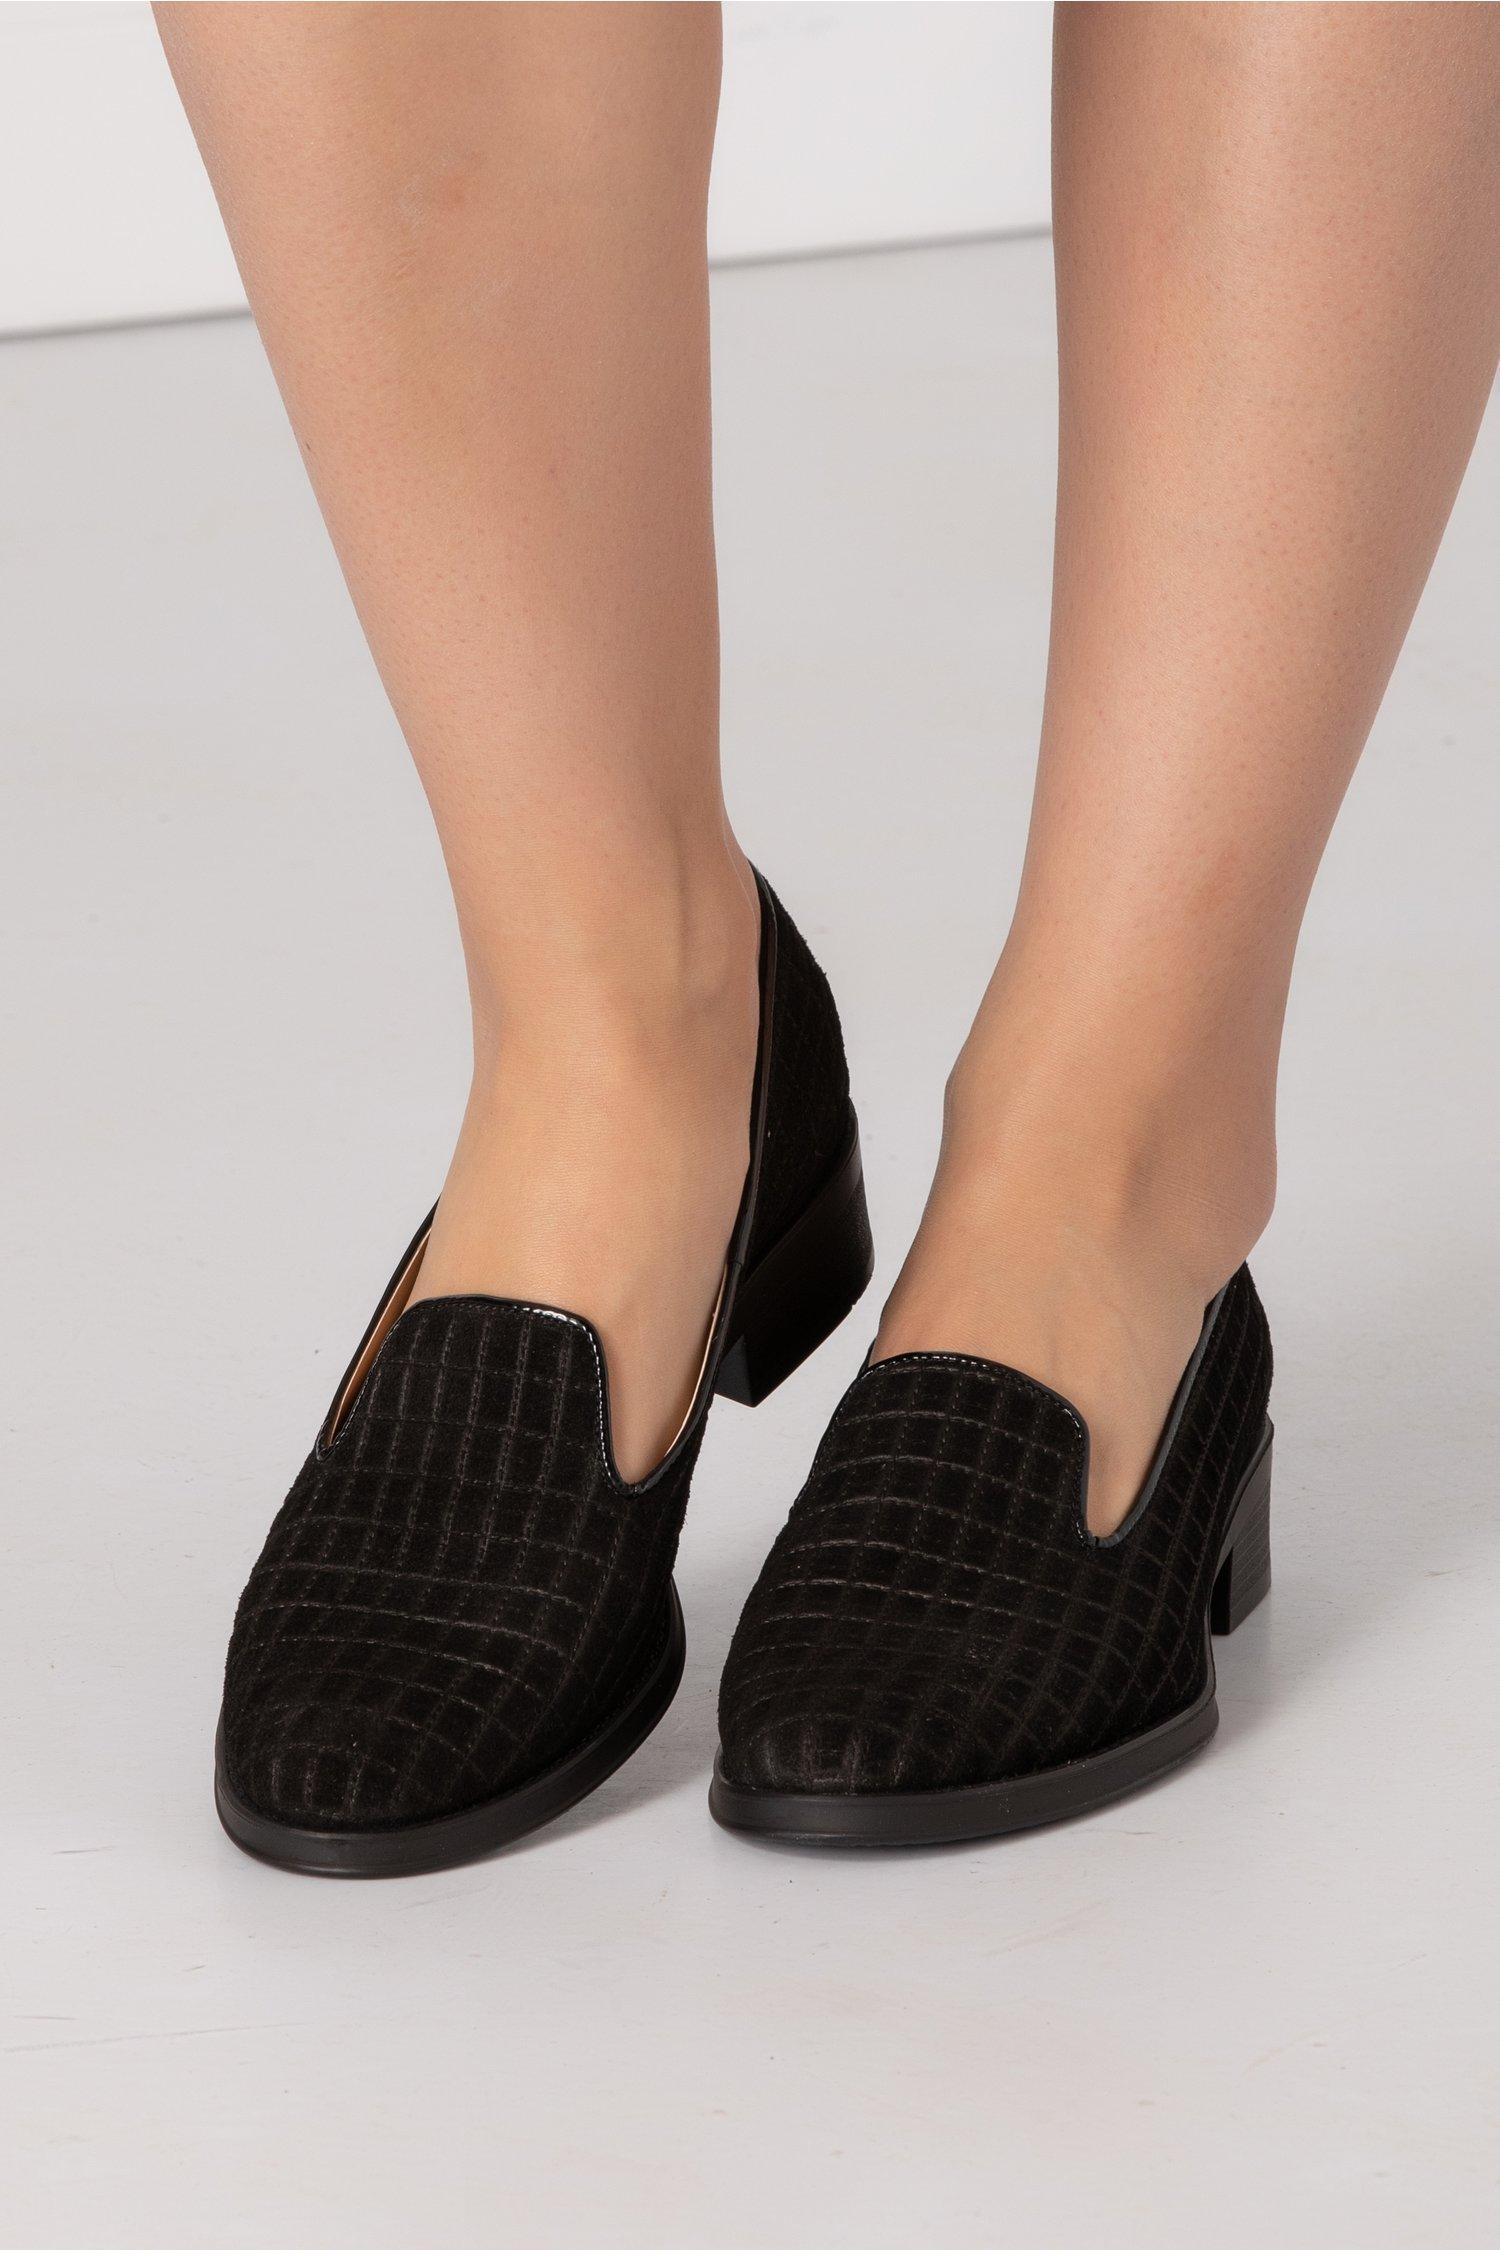 Pantofi negri cu talpa joasa si textura 3D